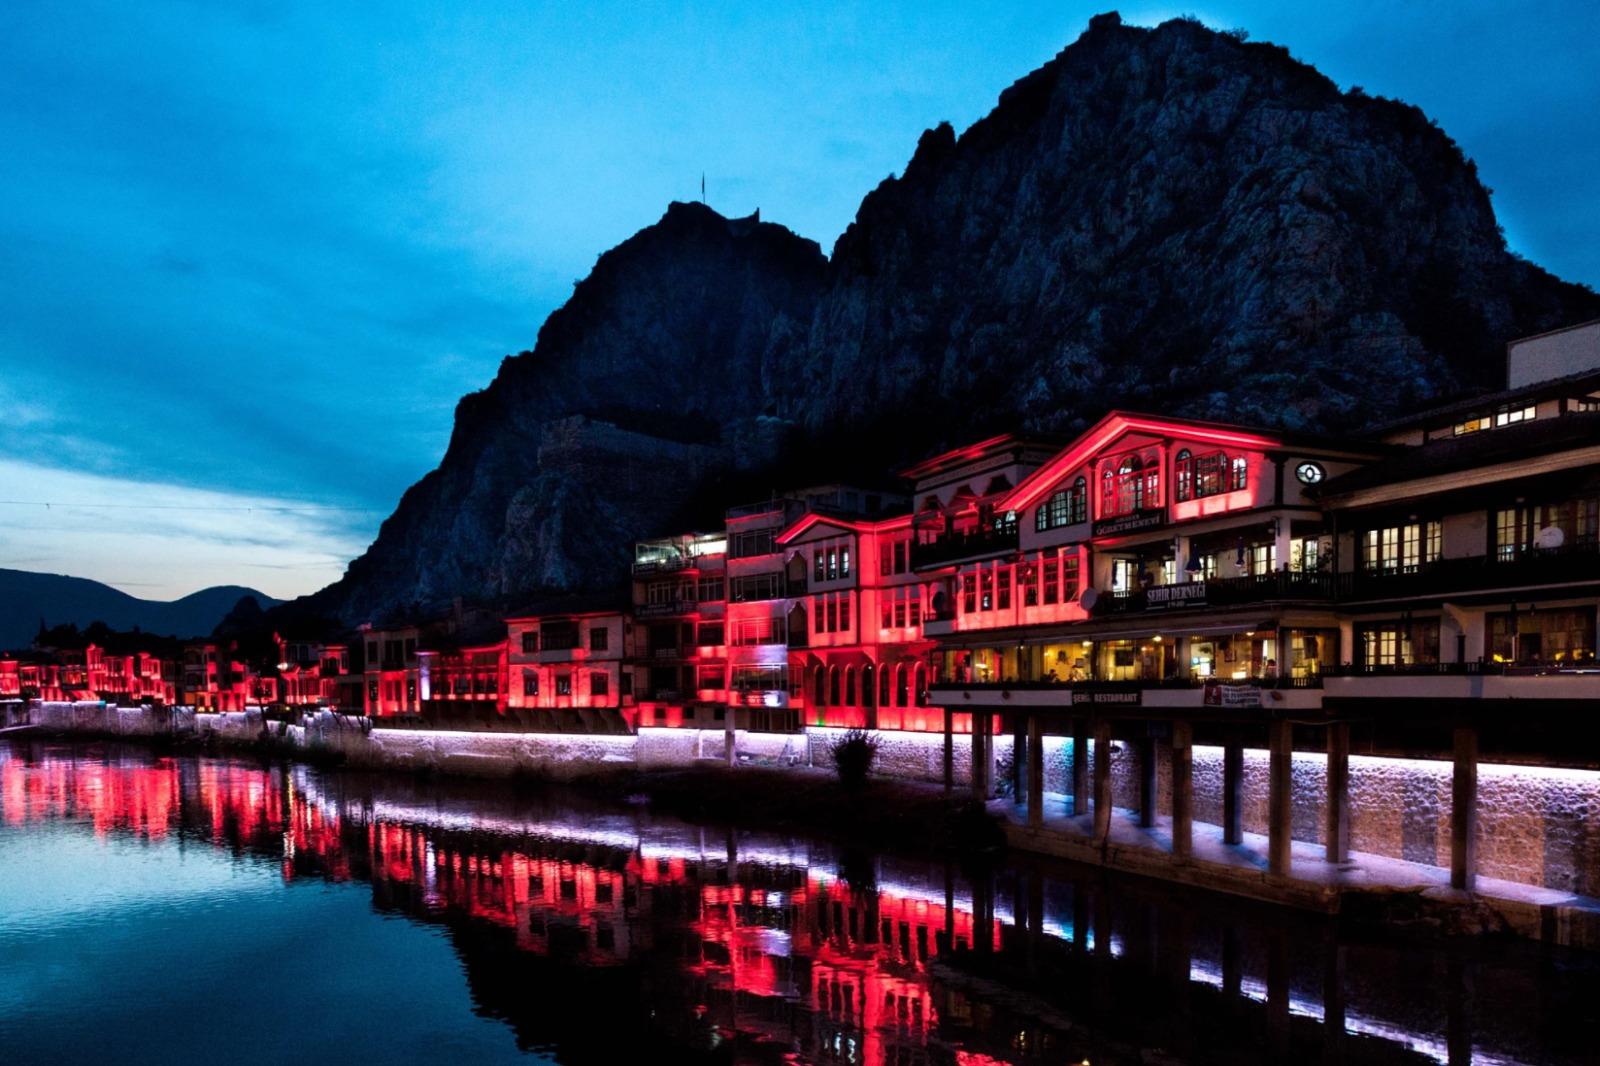 المناطق السياحية في تركيا - اماسيا